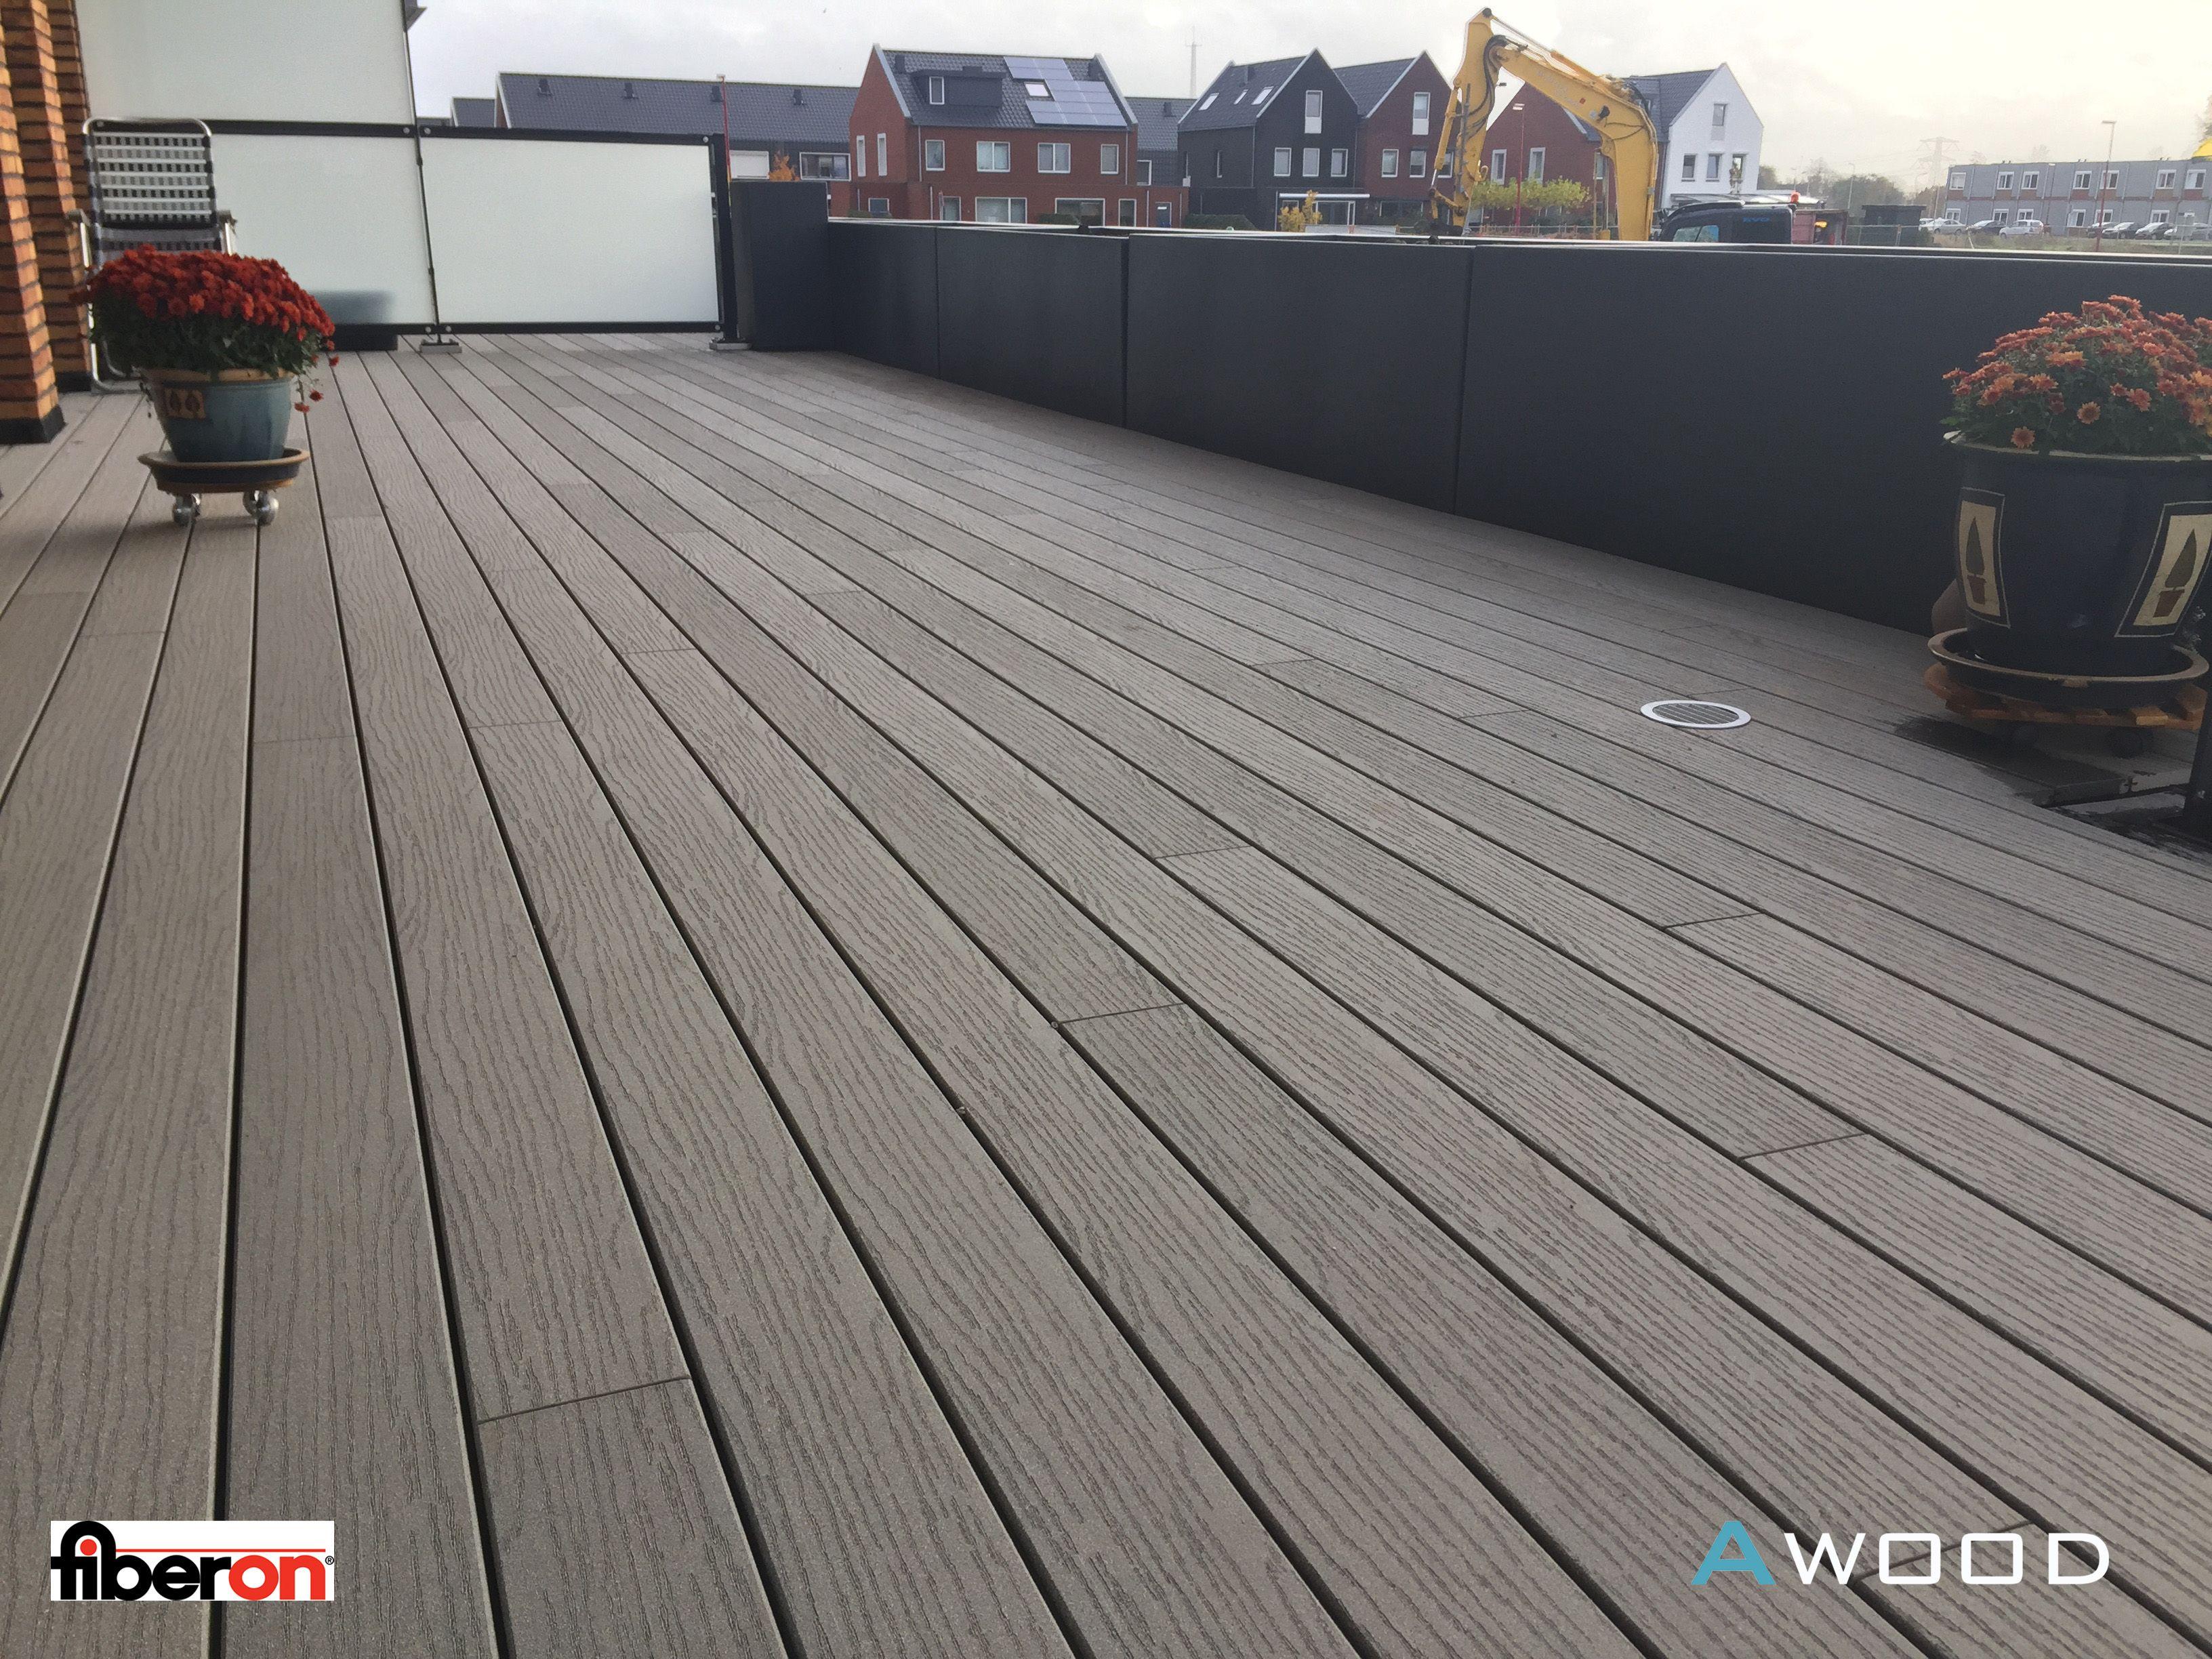 Fiberon op de balkons en terrassen van het project CPO Wonen aan de Kreek Oud Beijerland.   De particulieren wouden graag kiezen uit 4 verschillende Fiberon Decking profielen. Awood BV heeft knowhow, materiaal en montage gedaan.